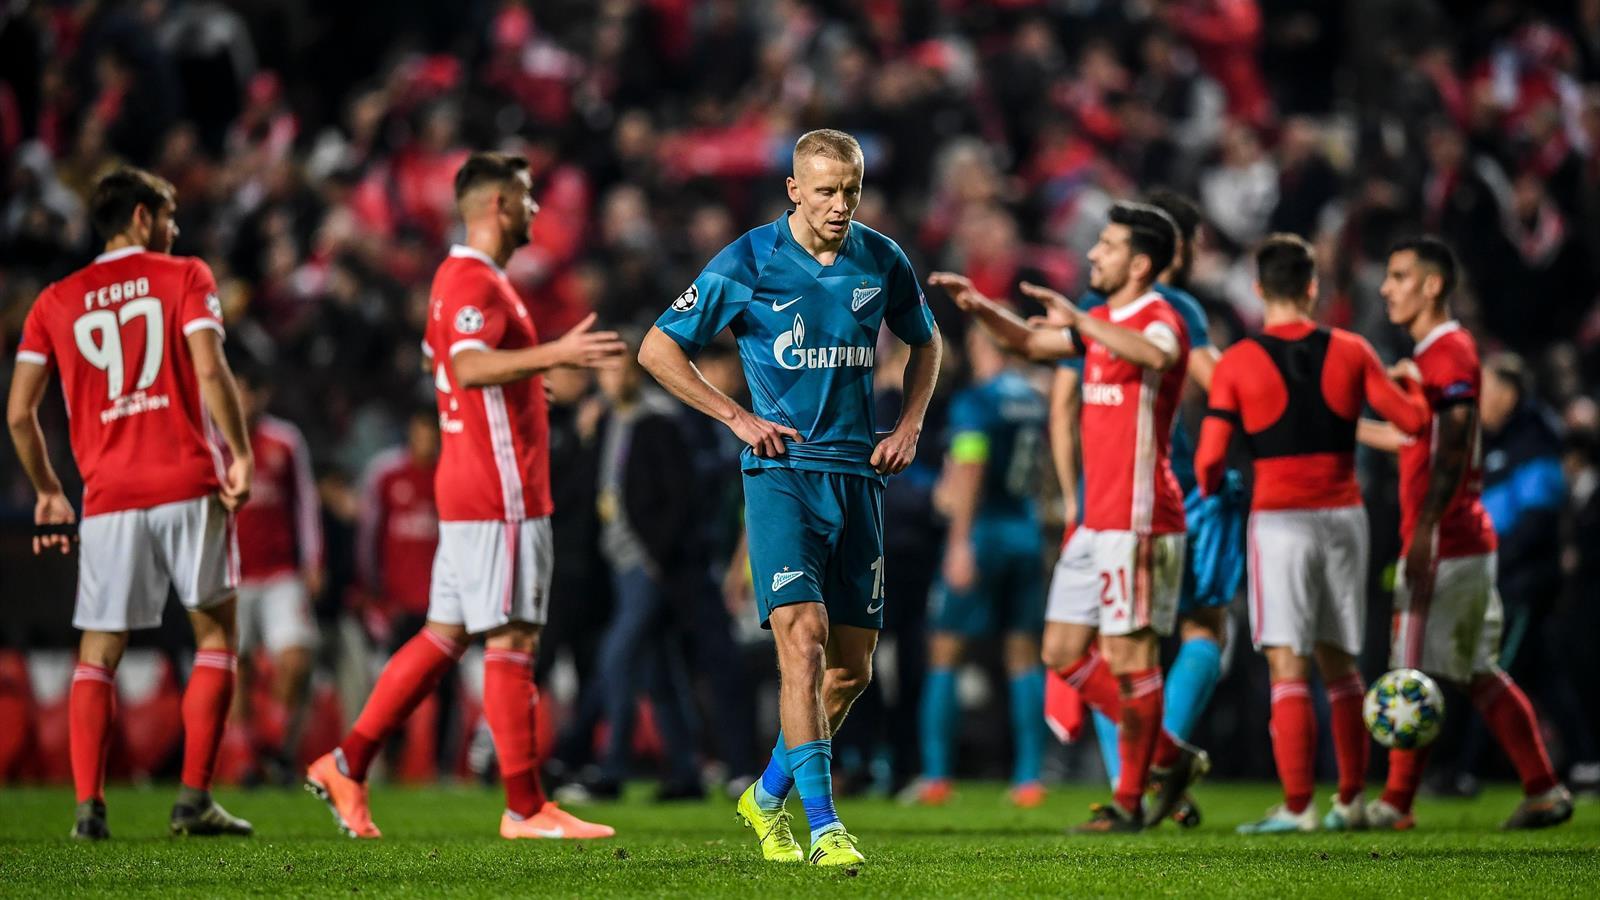 Клубы Российской Премьер-лиги второй год подряд вылетели на групповом этапе Лиги чемпионов